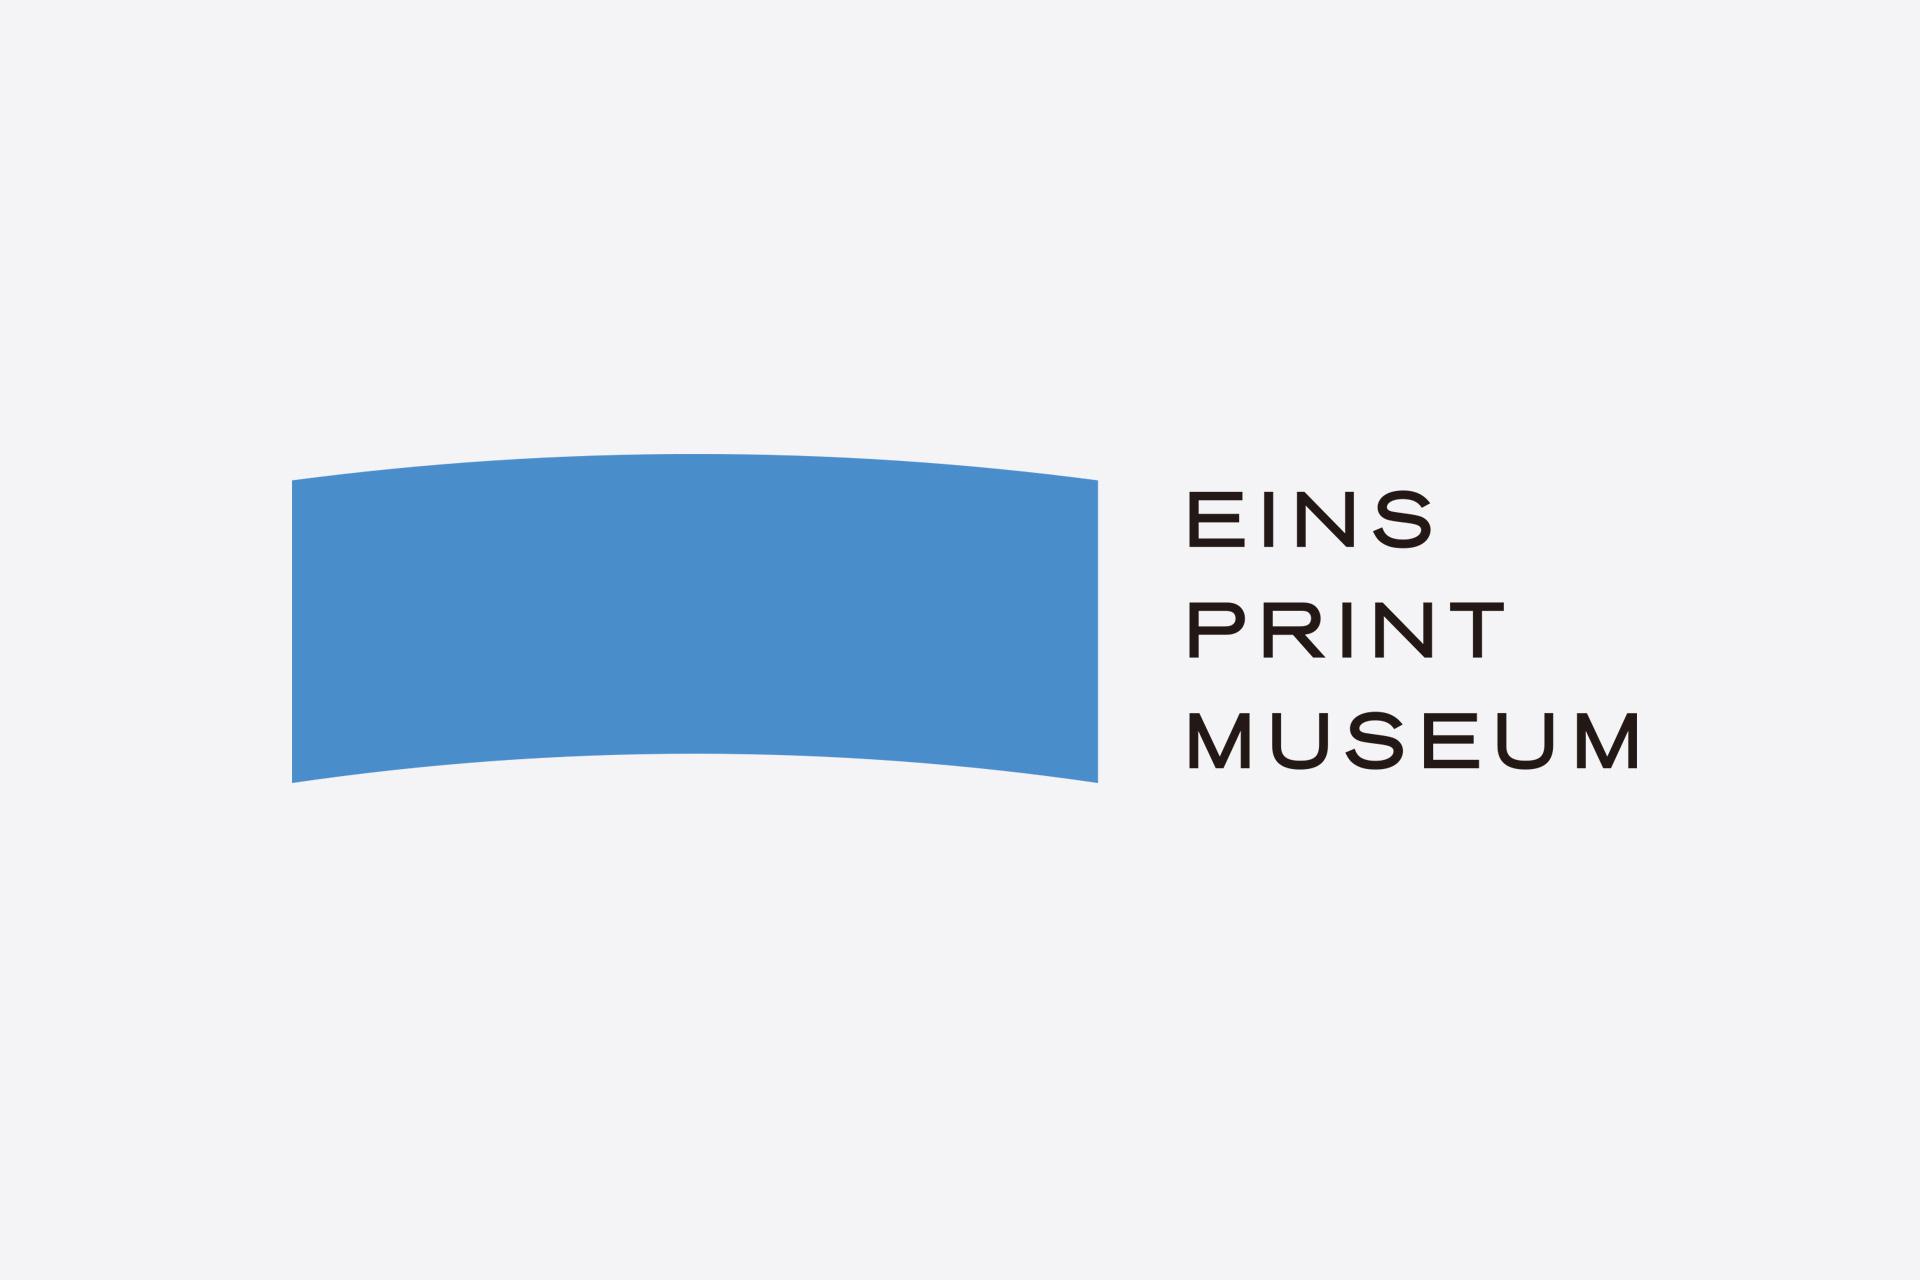 EINS PRINT MUSEUM